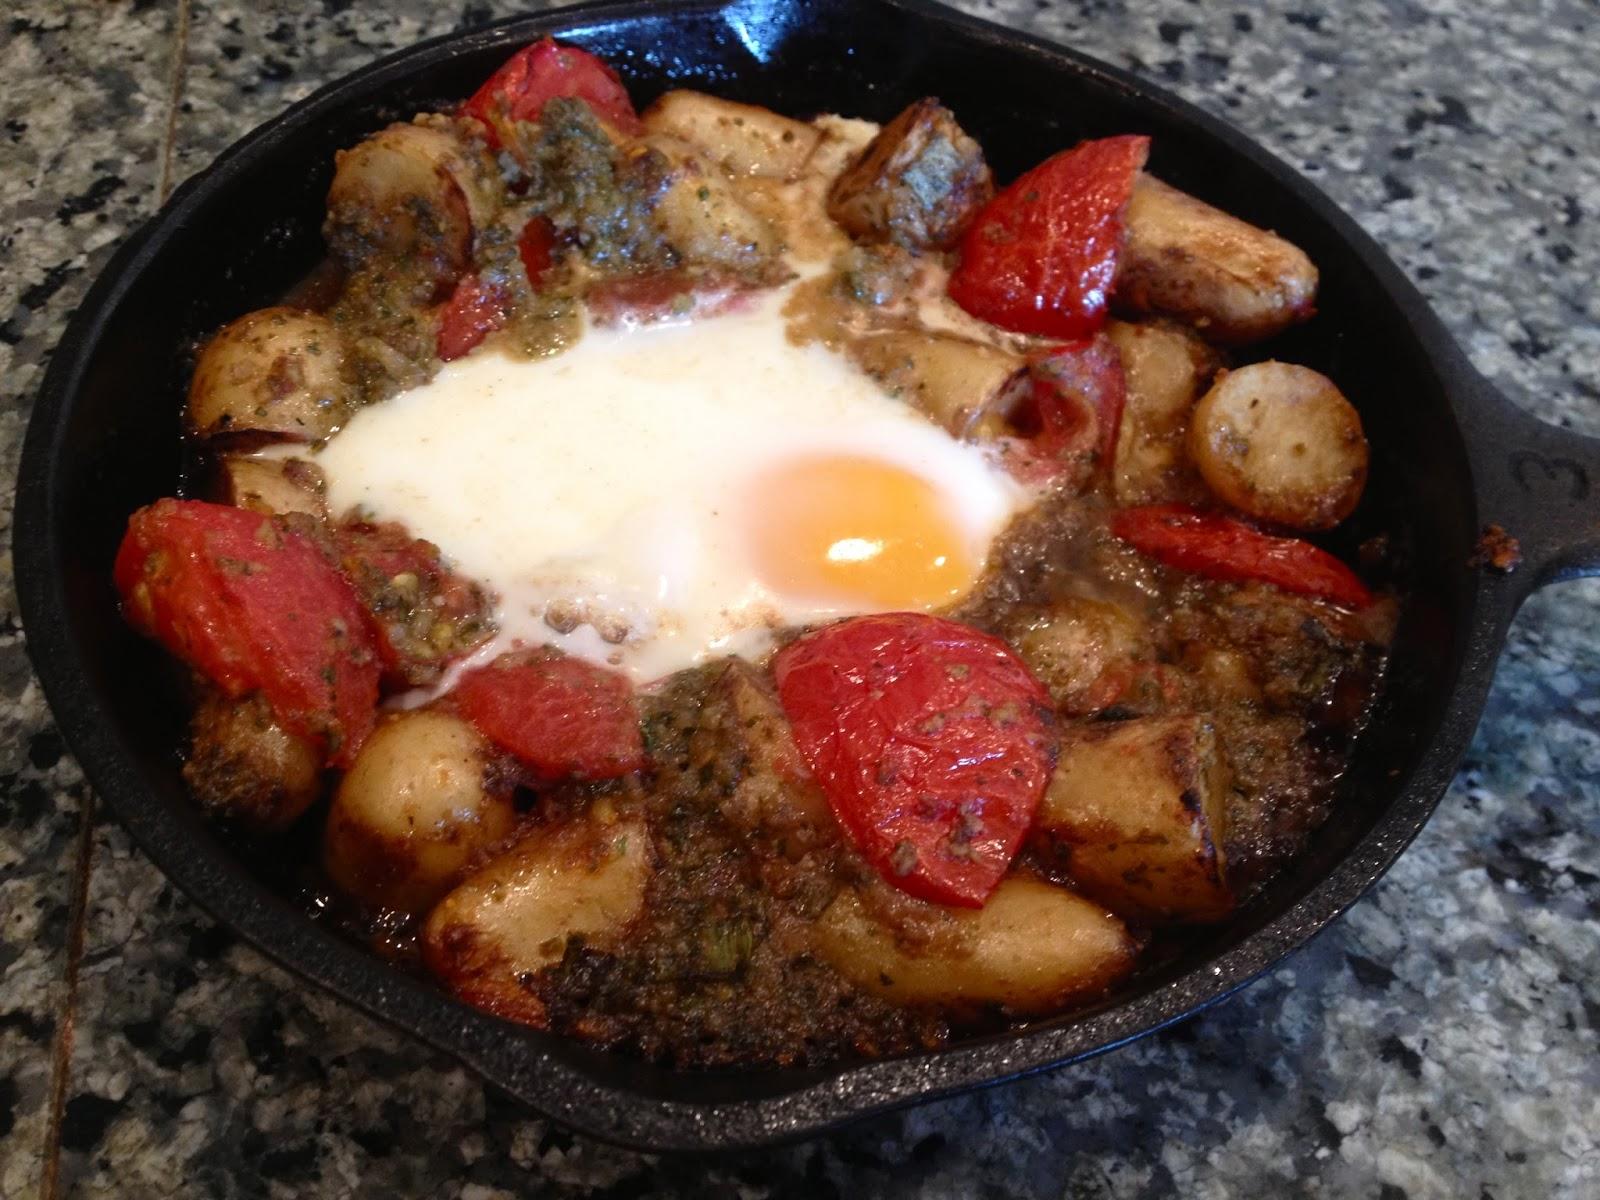 ... Cook: Skillet Potato, Tomato and Egg Bake with Cilantro Jalapeno Pesto